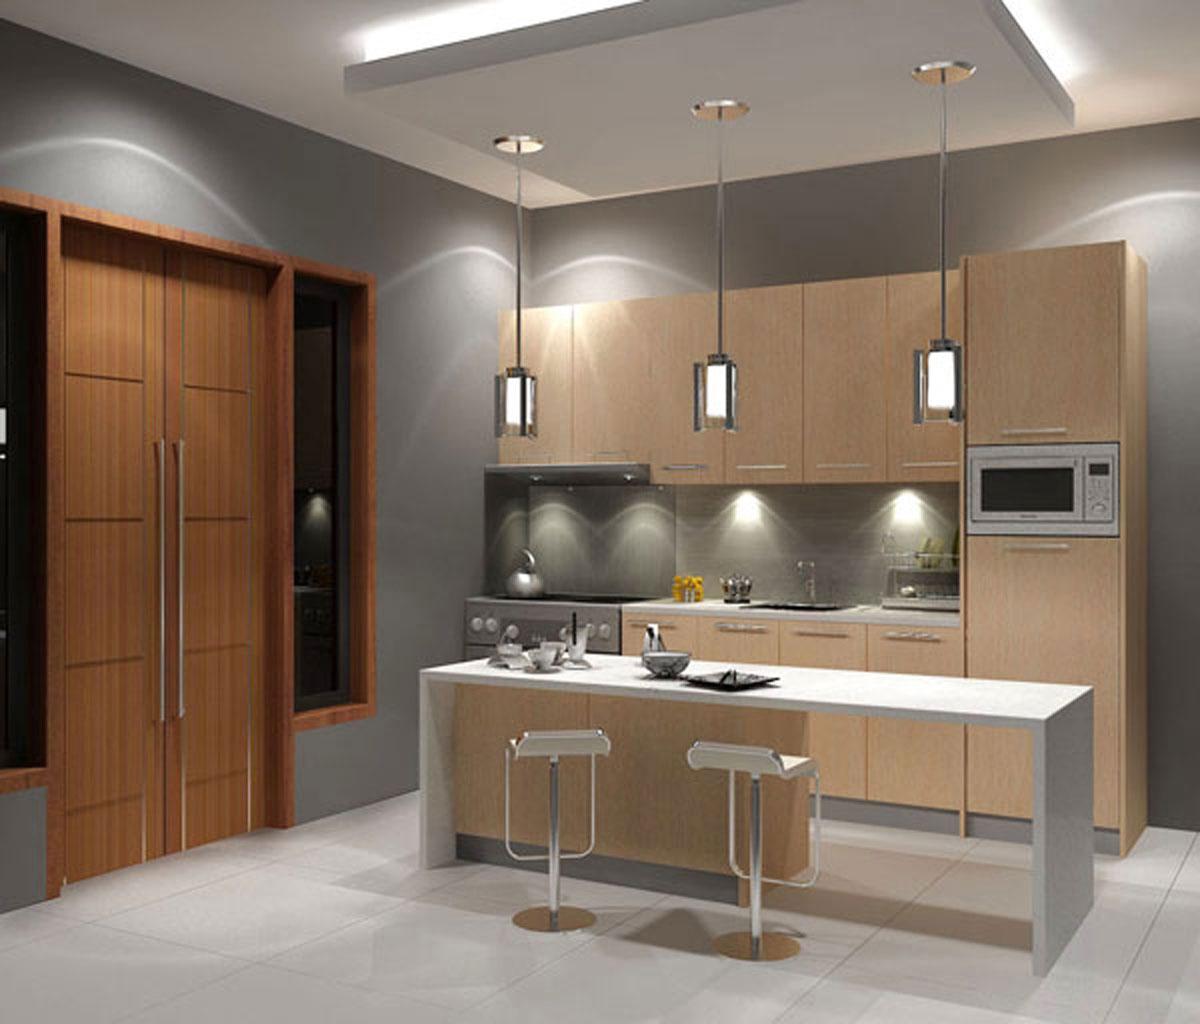 kitchen design ideas island photo - 10